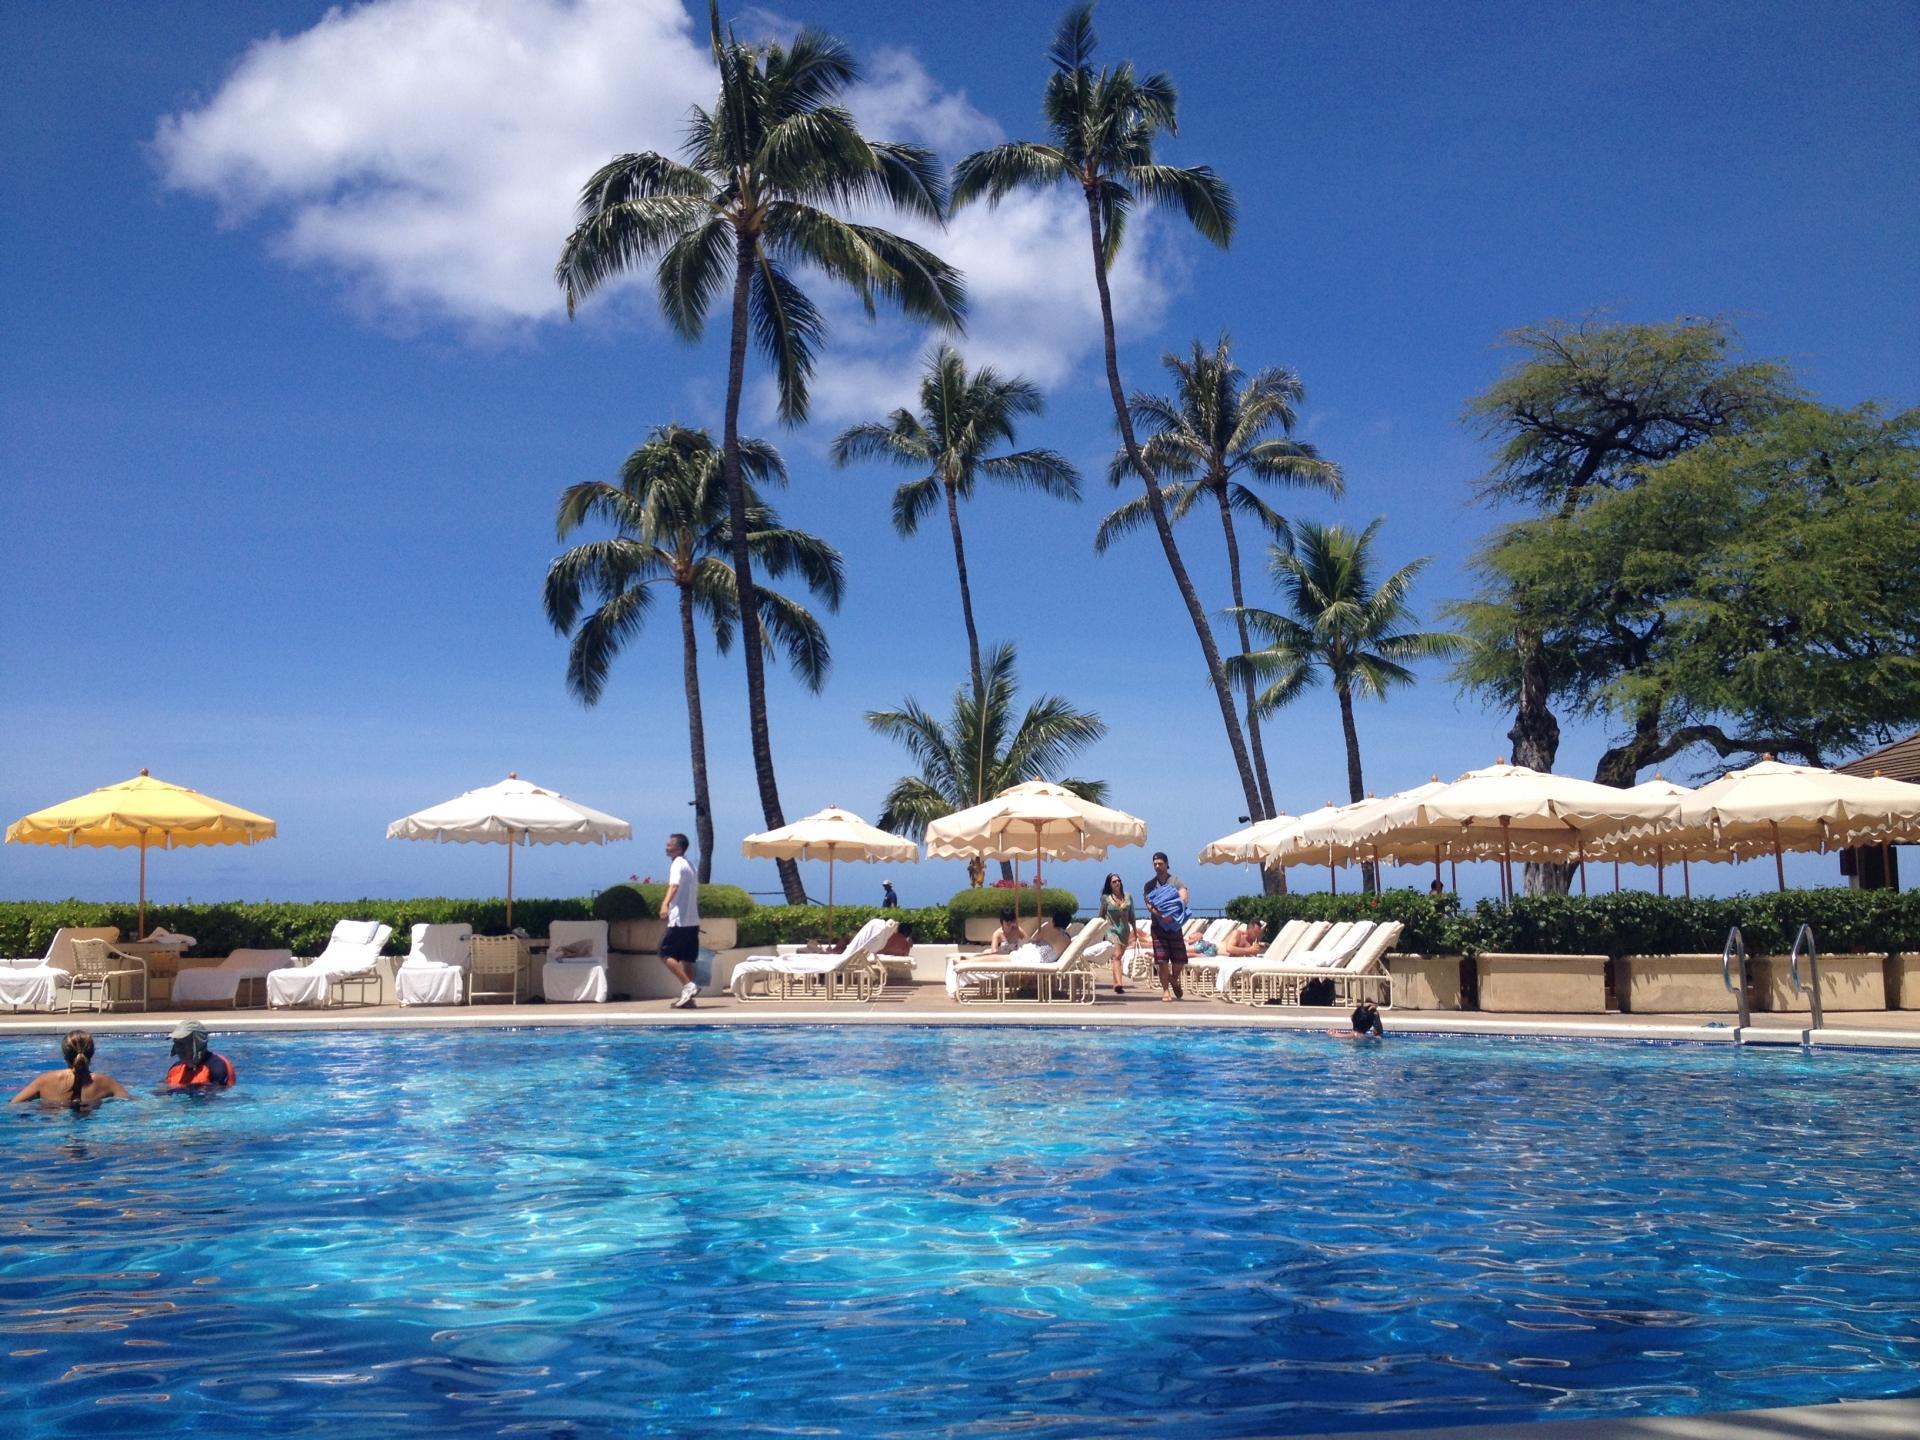 ハワイのプールで遊ぶ!人気のウェットアンドワイルドハワイ への行き方は?